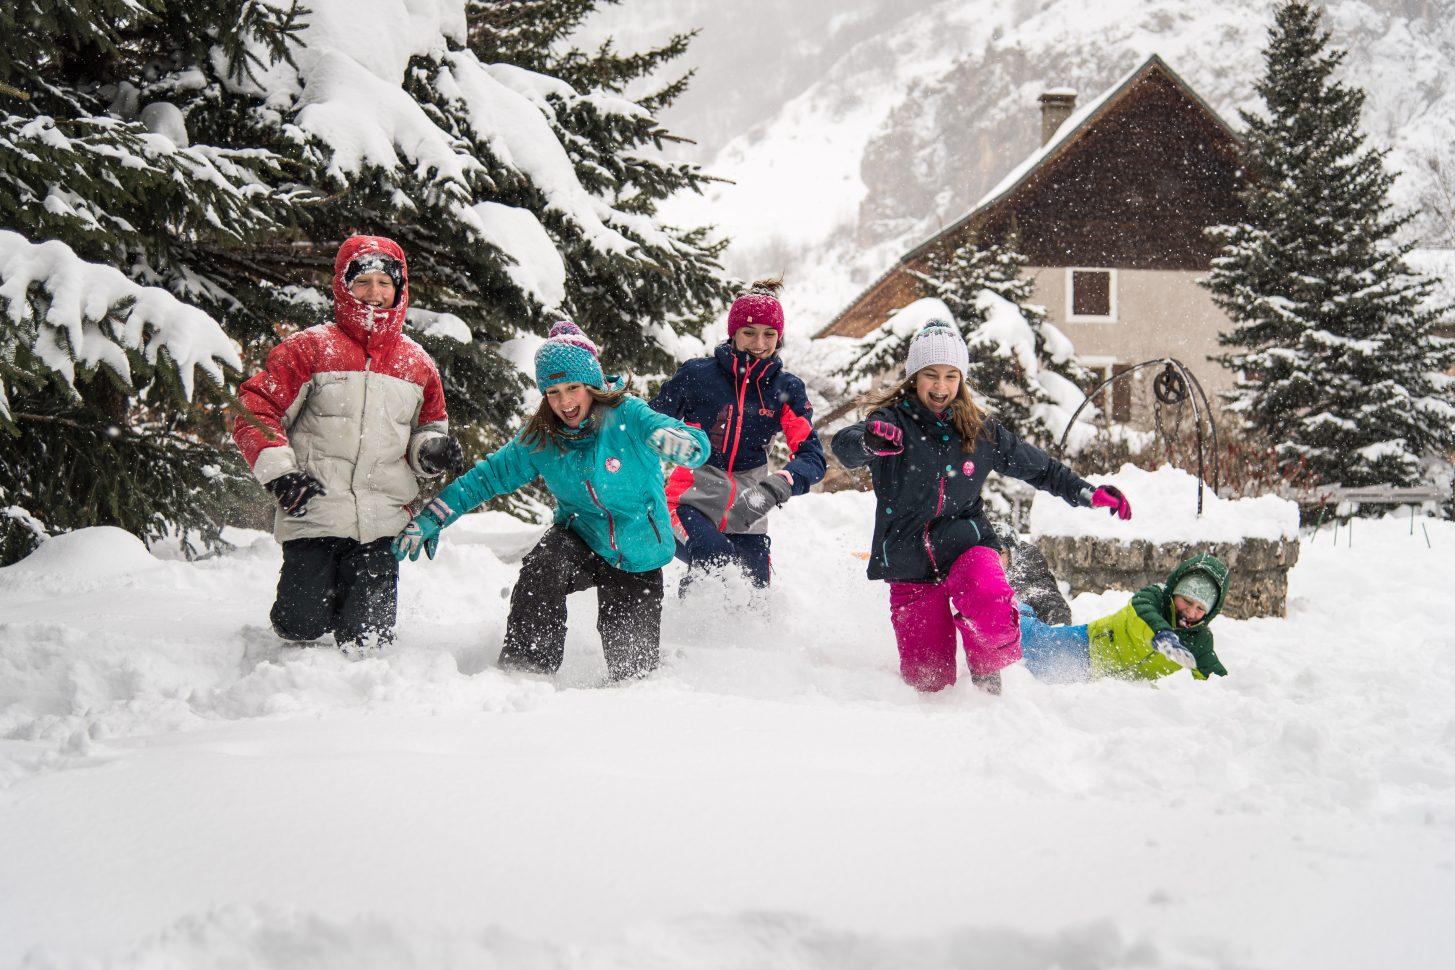 Jeu de neige dans les rues de Valloire